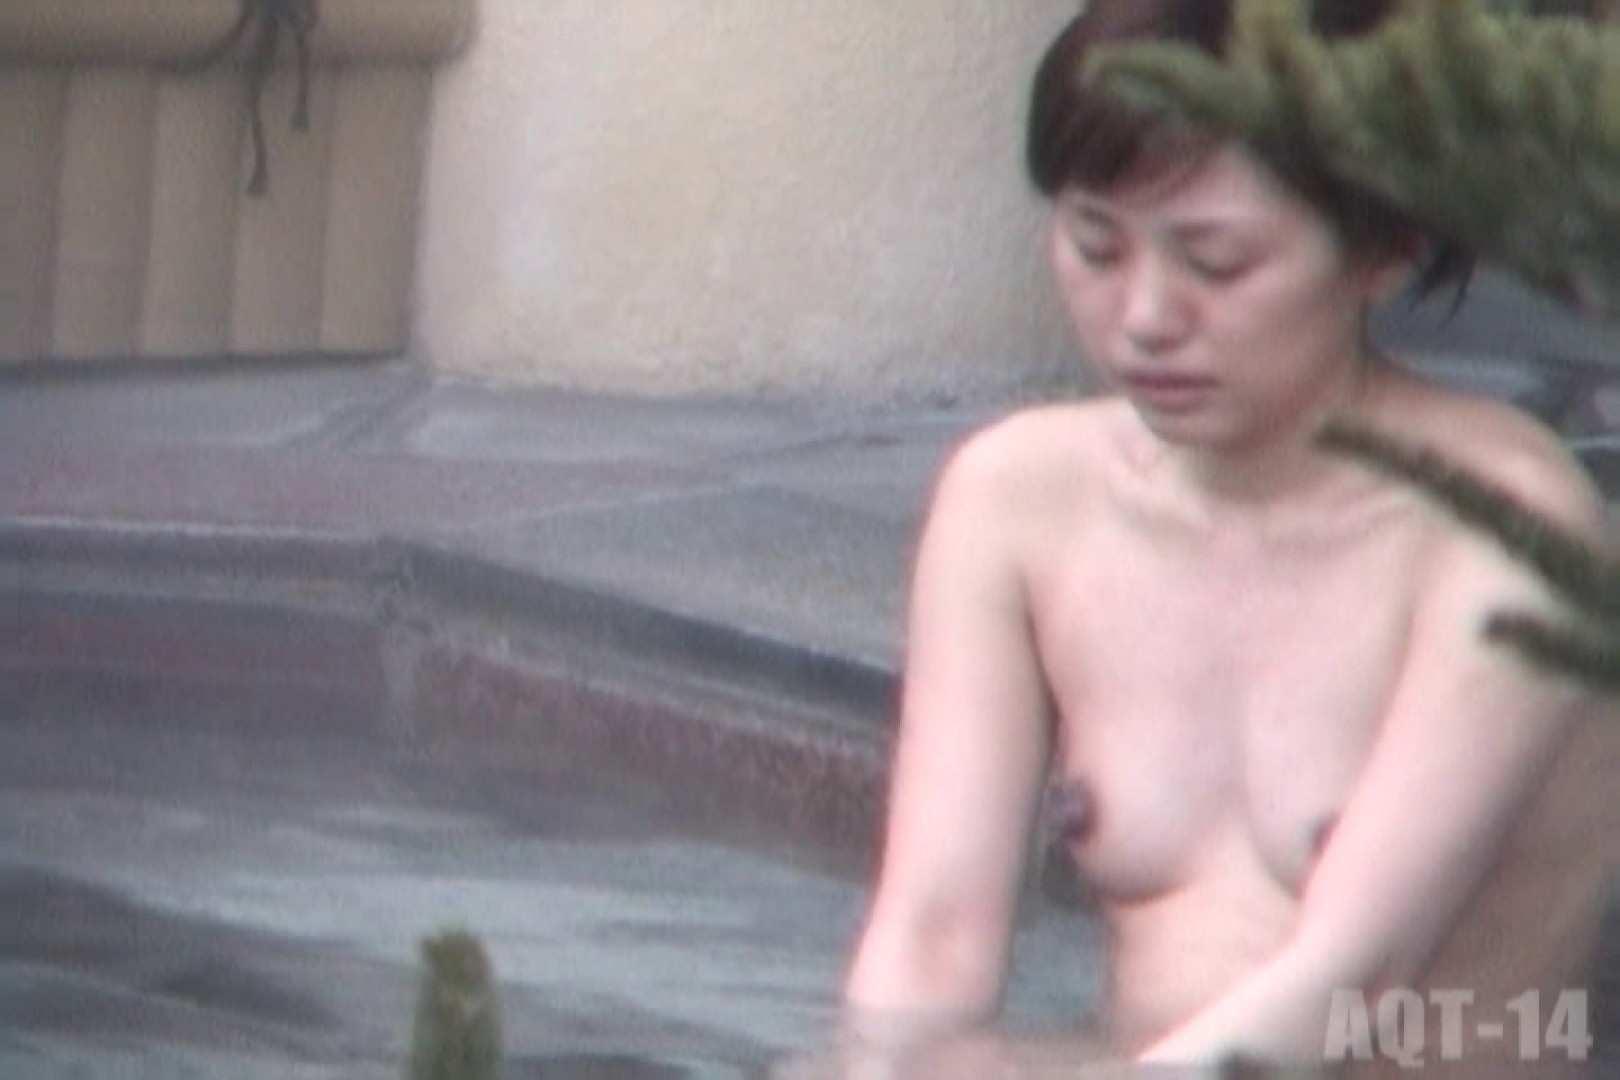 Aquaな露天風呂Vol.821 美しいOLの裸体 オメコ無修正動画無料 78pic 8